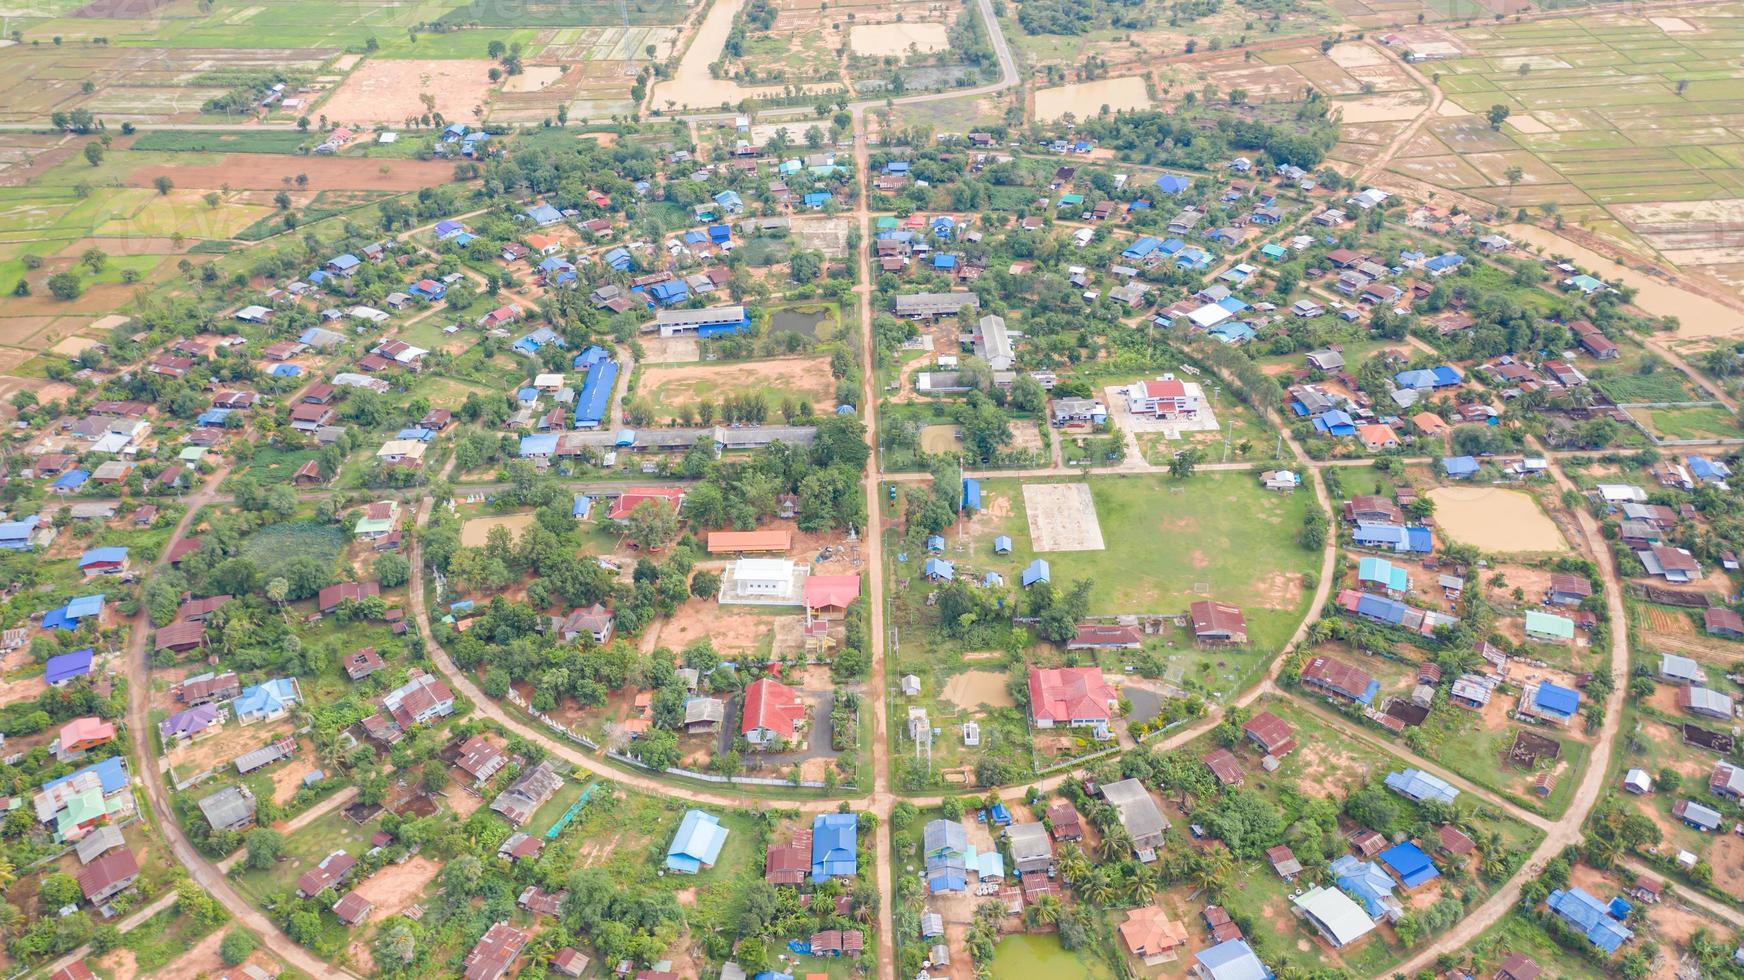 vista do drone de uma vila foto